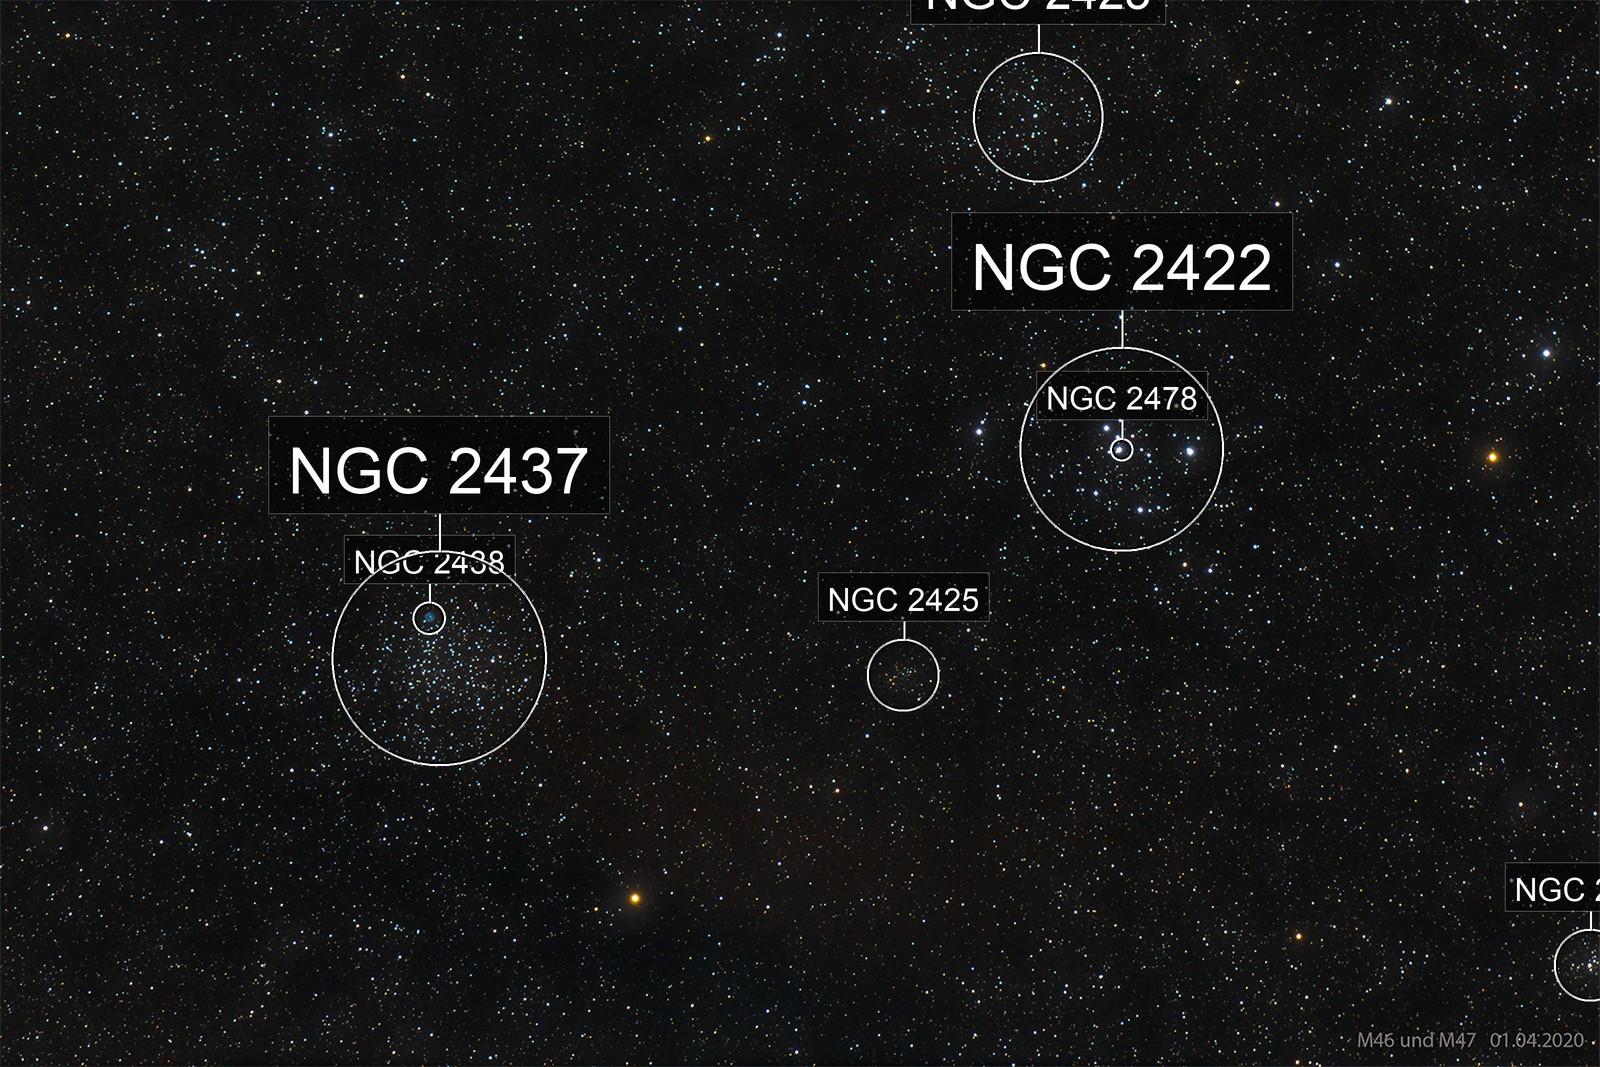 M46 und M47